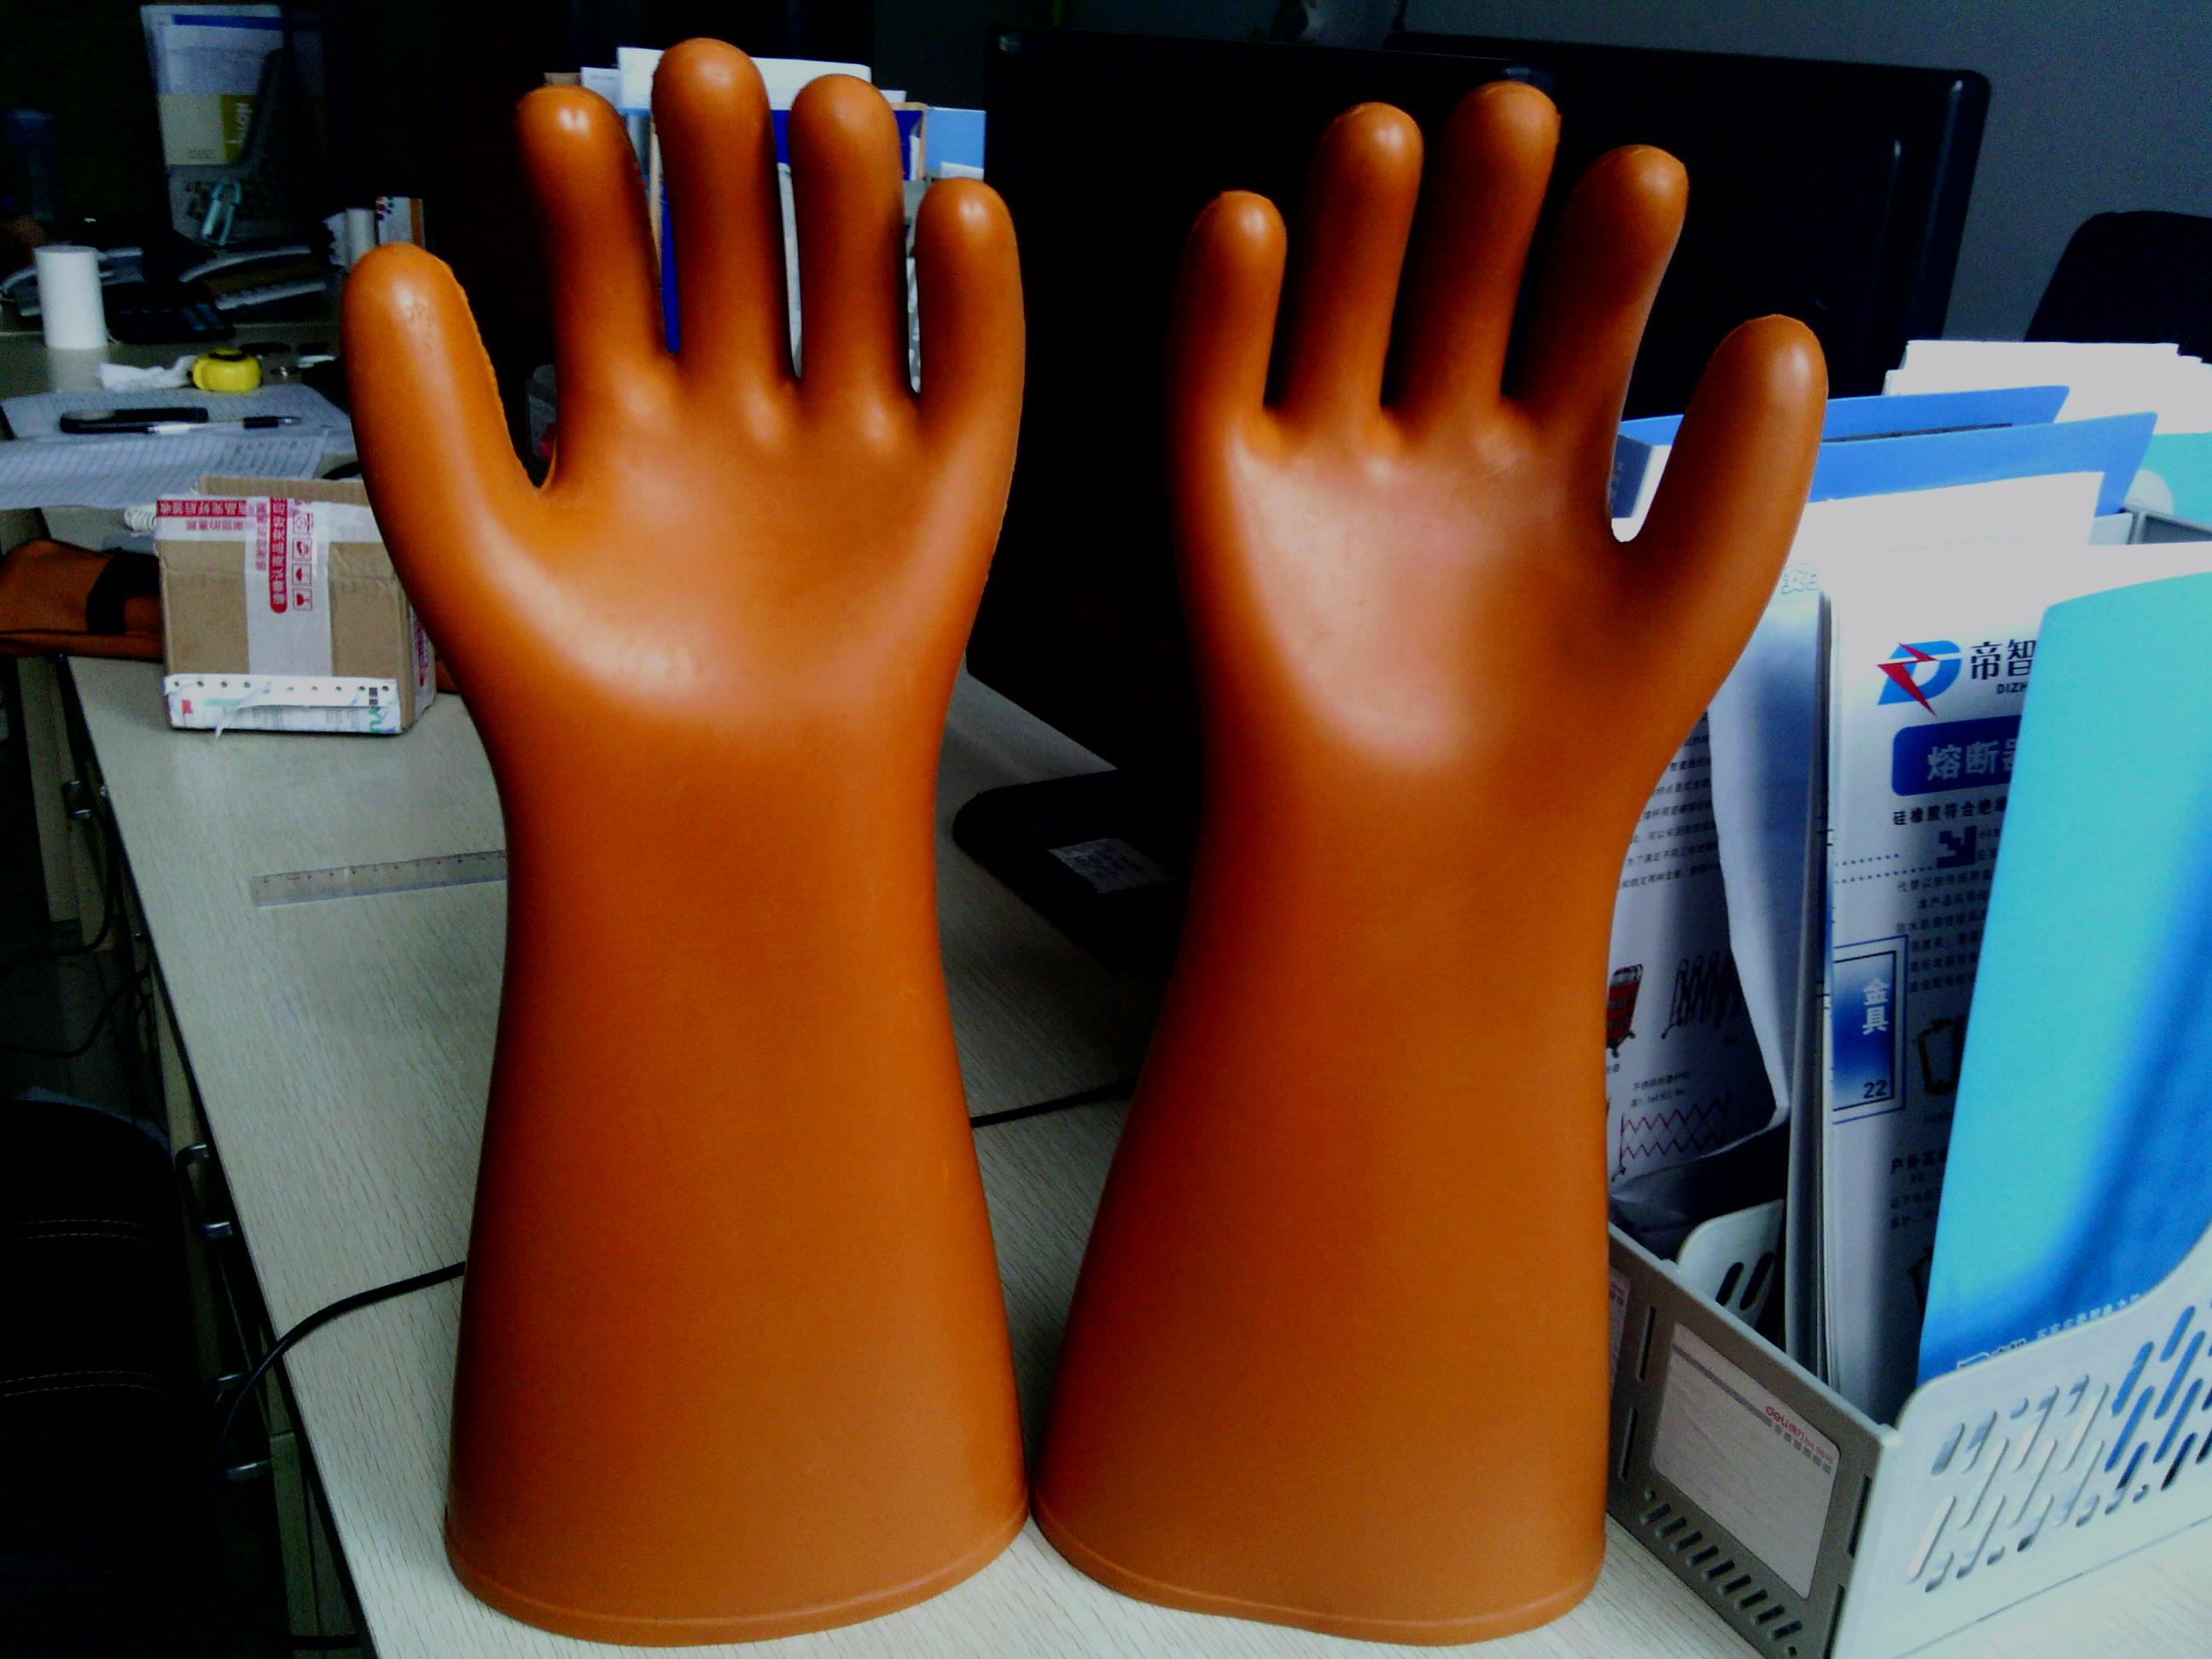 耐高压绝缘手套 耐高温防护手套 天津双安绝缘手套